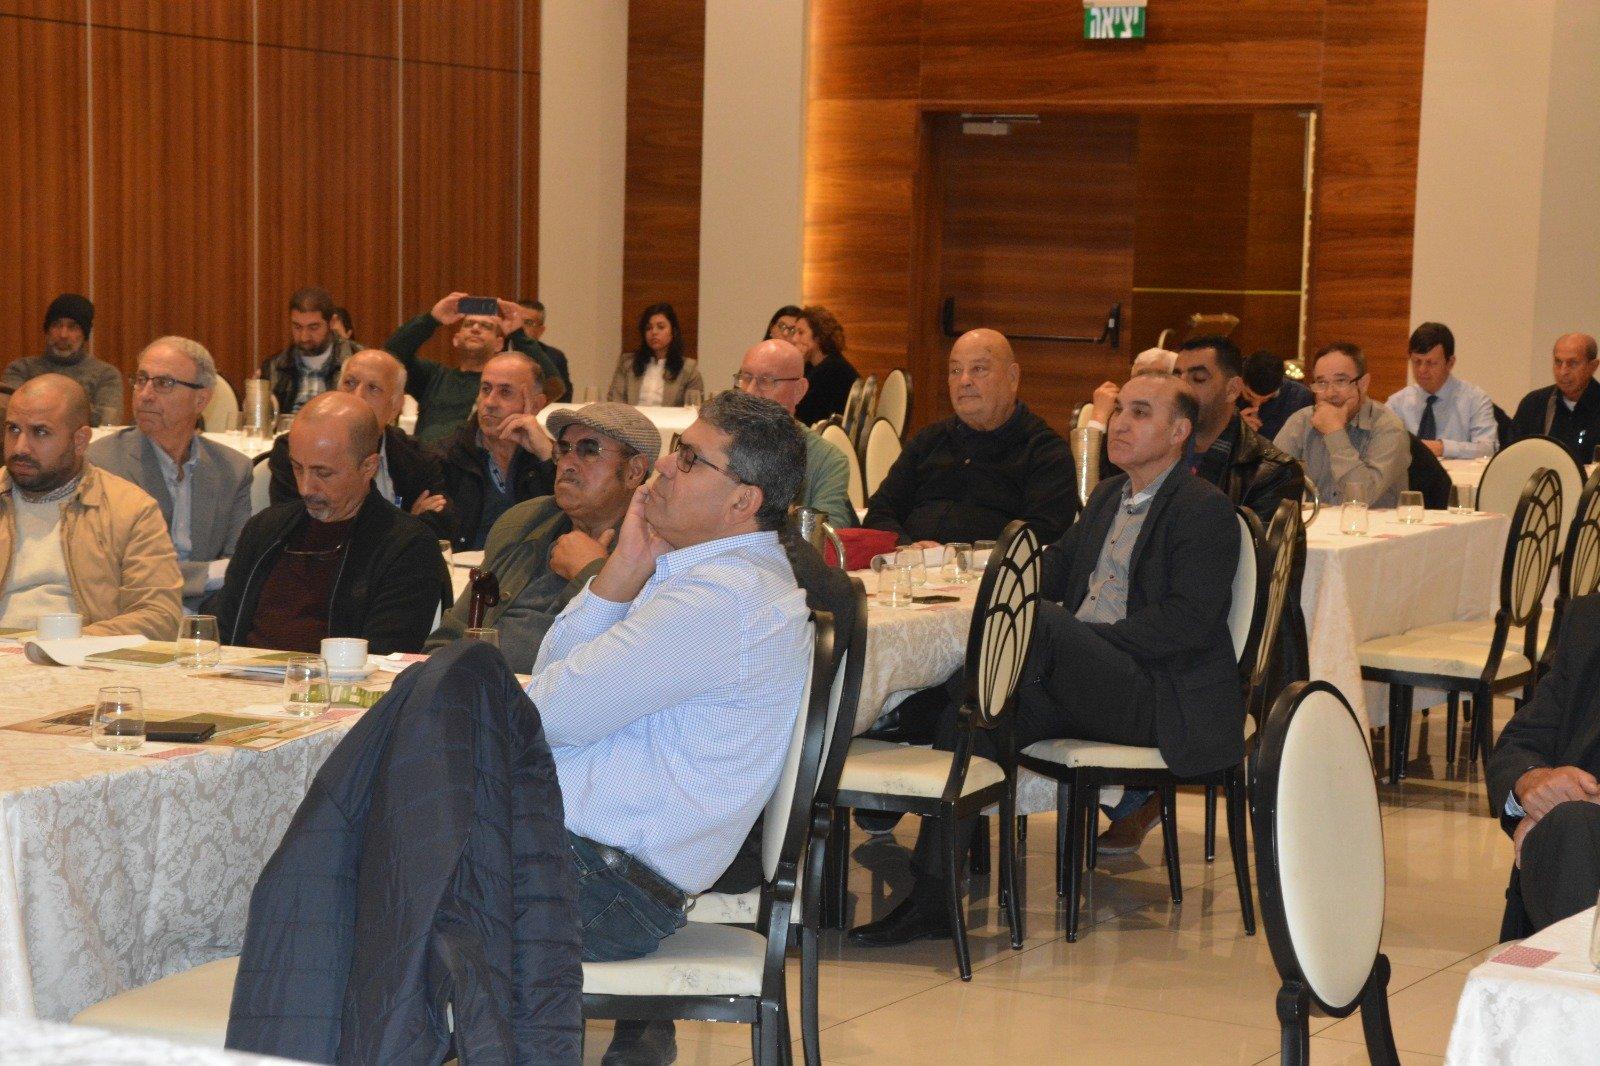 حضور بارز في مؤتمر الأرض والمسكن الـ 19 في الناصرة